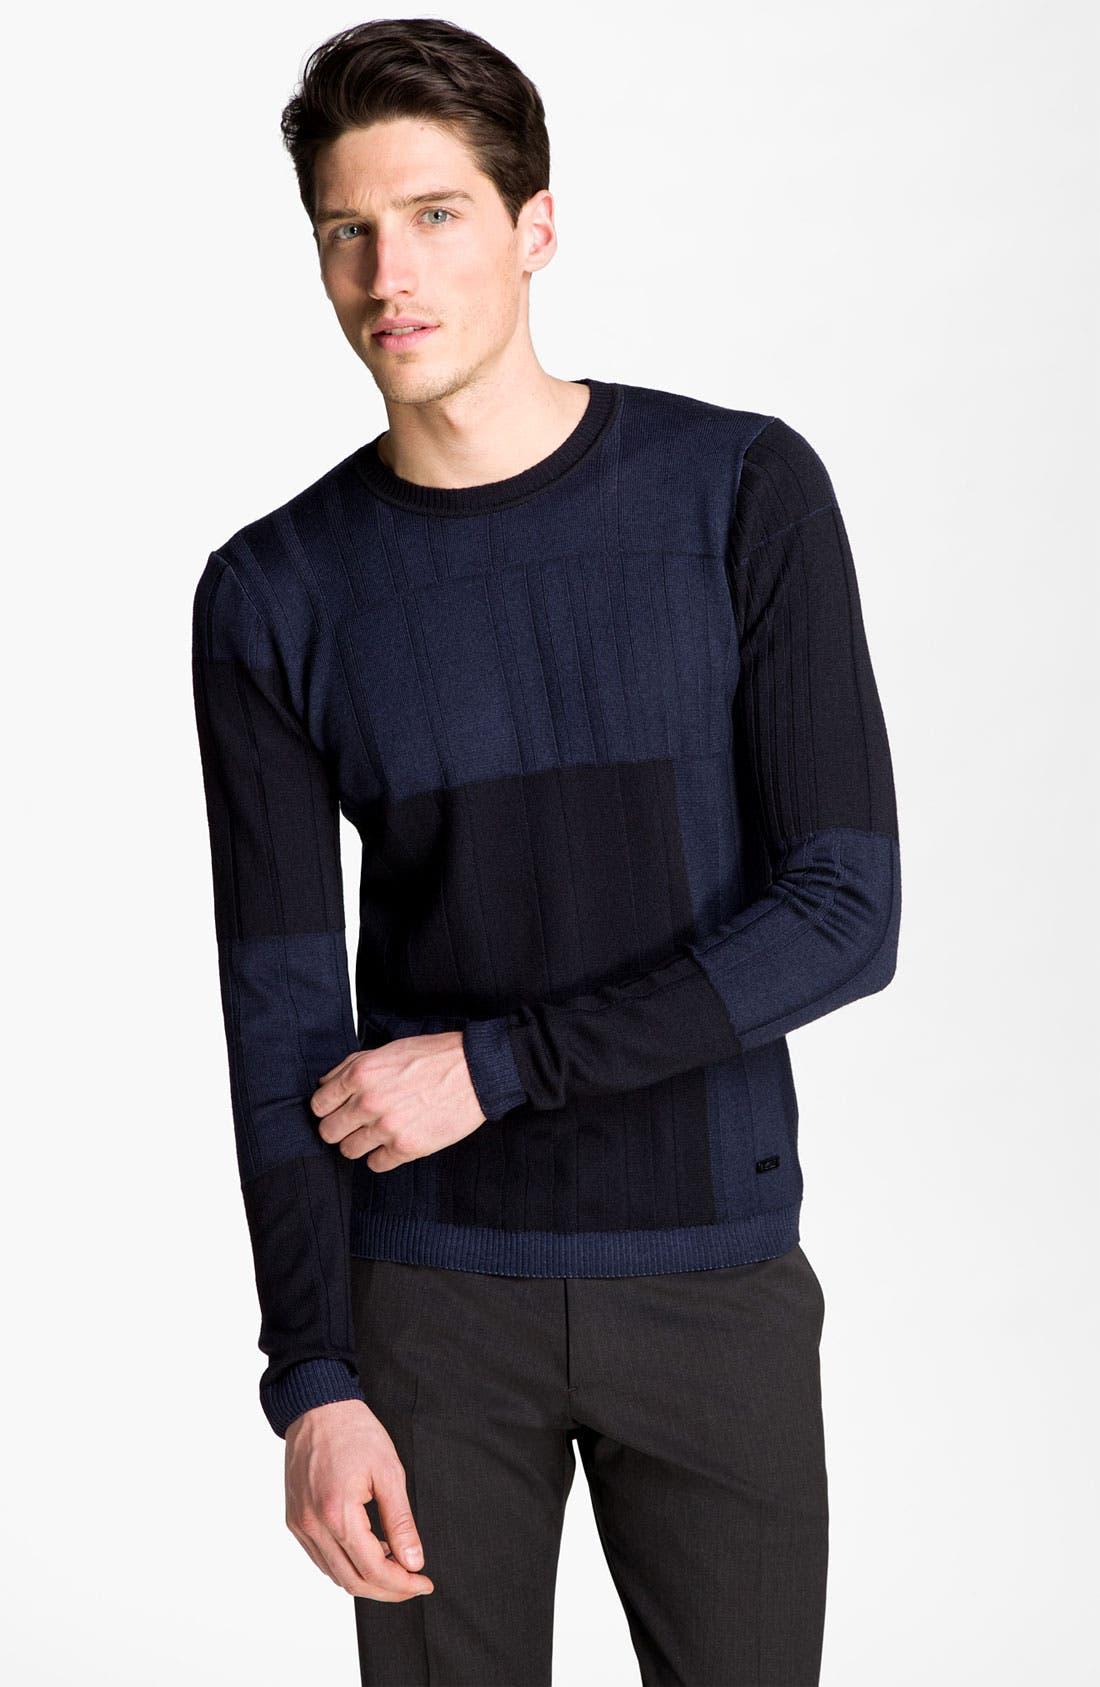 Alternate Image 1 Selected - Armani Collezioni Colorblock Crewneck Sweater